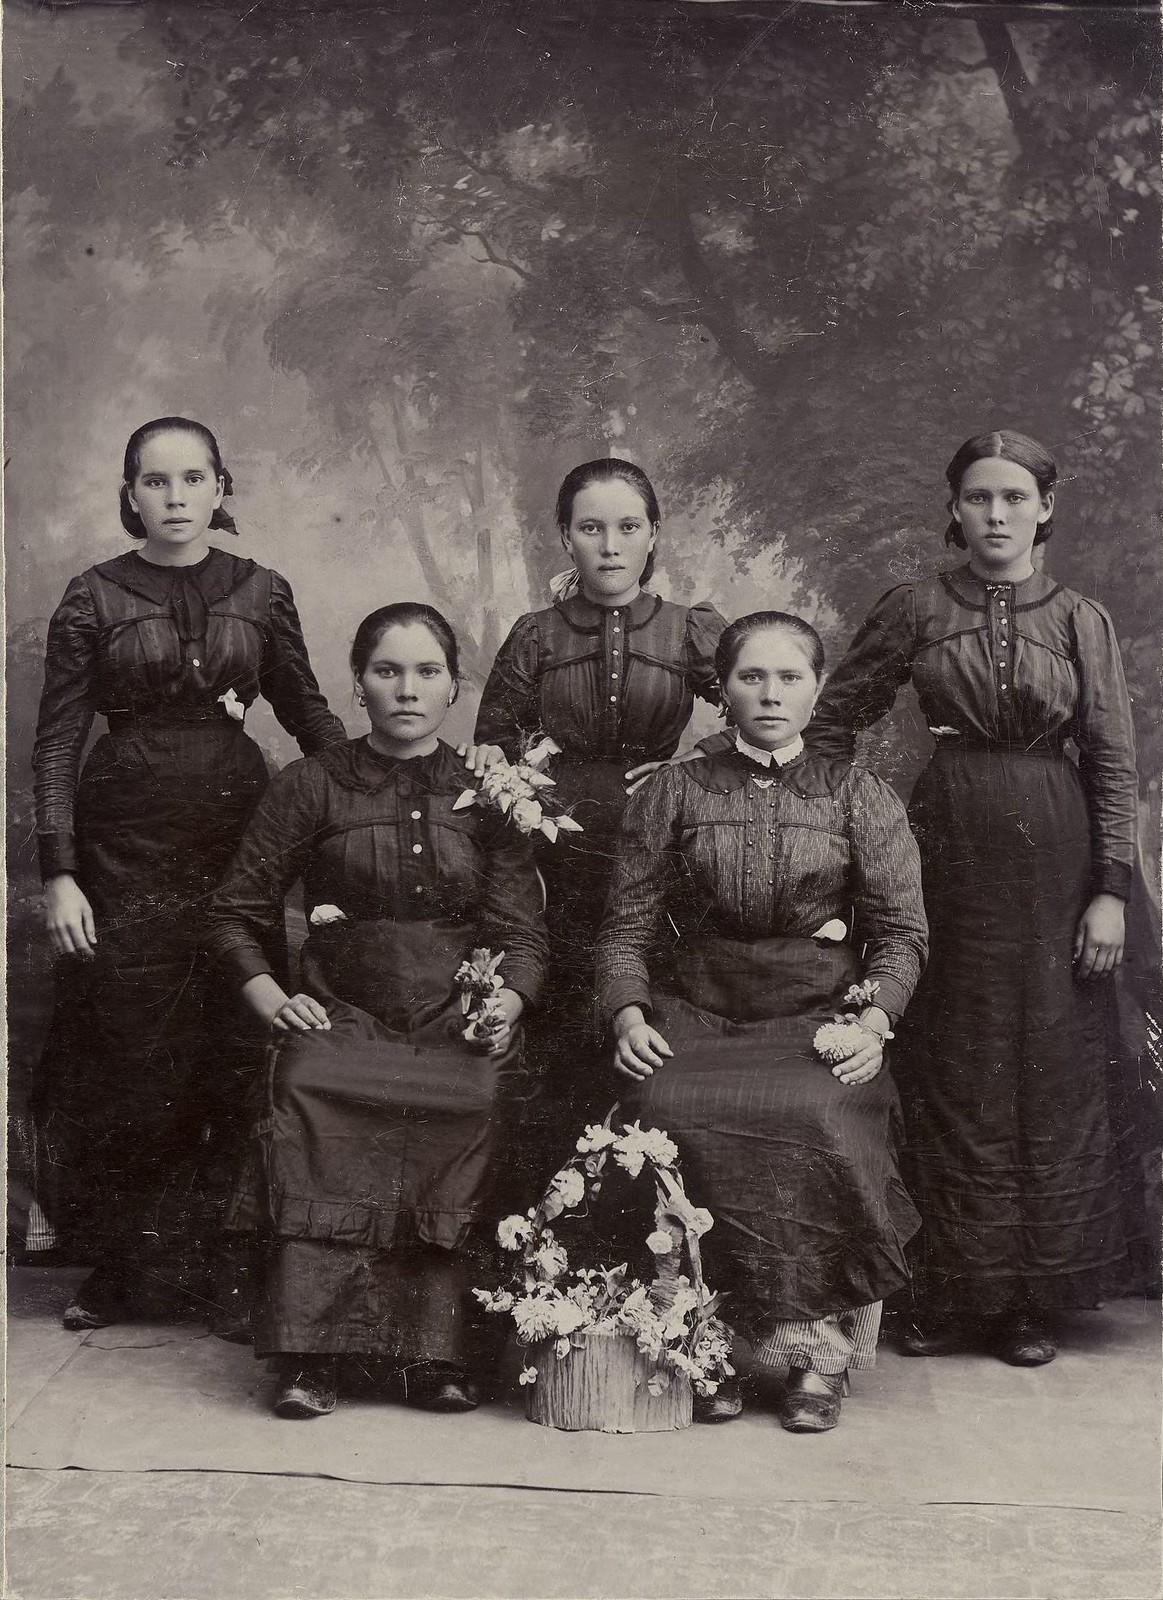 1918. Сестры Щербаковы из села Хомутово